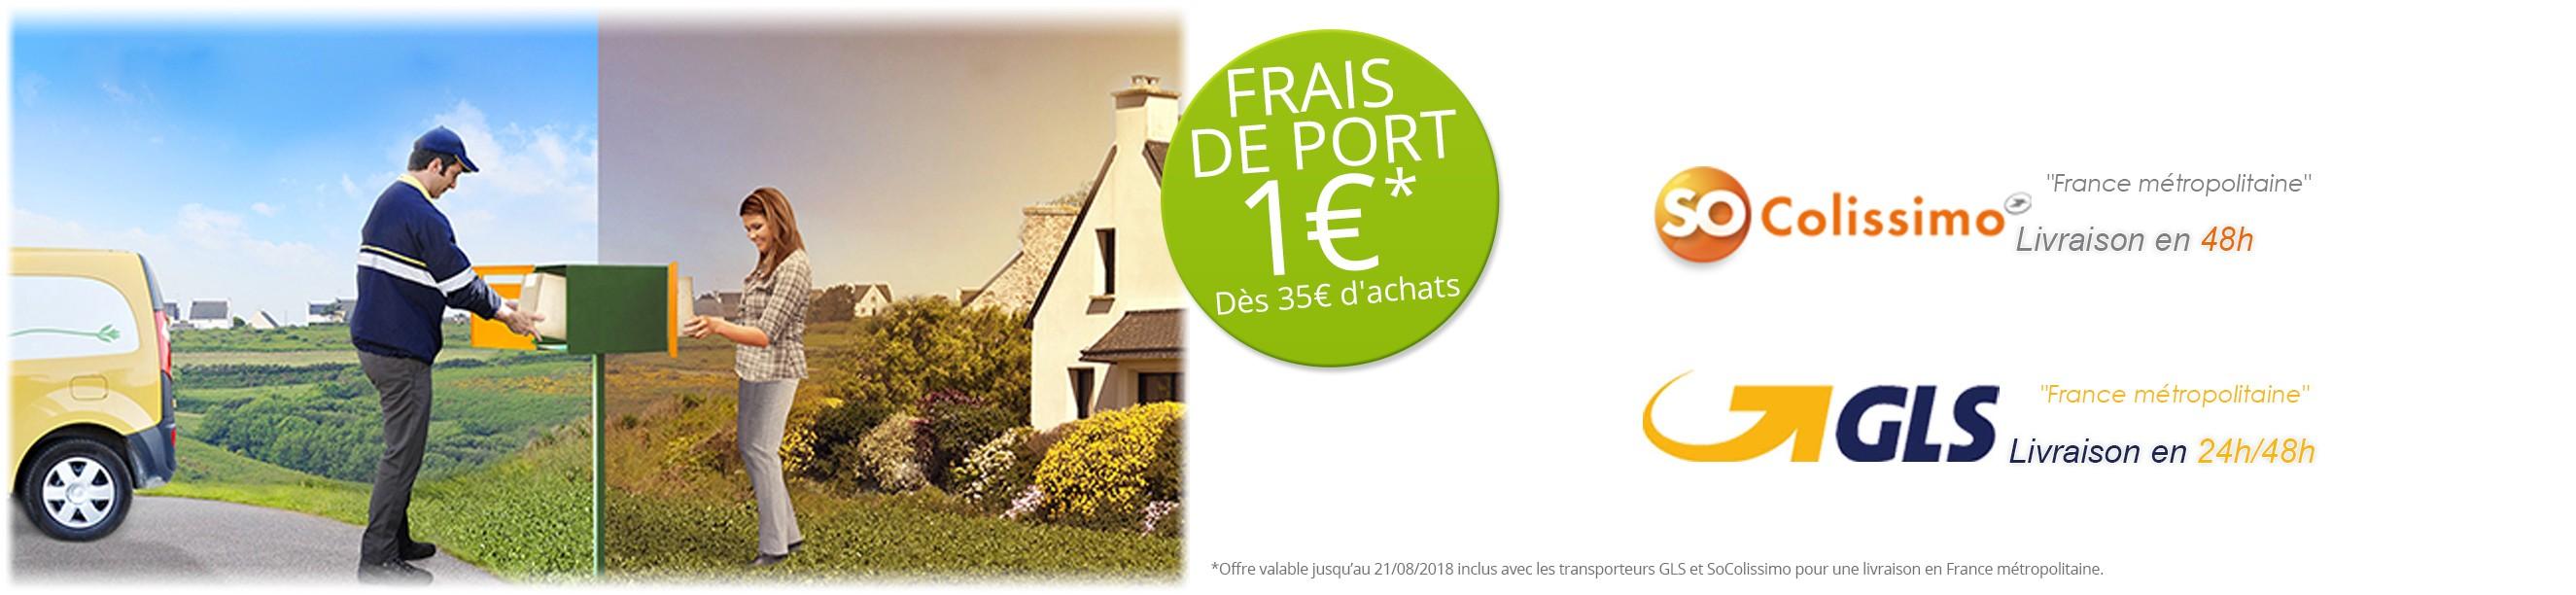 Frais de port à partir de 1 €